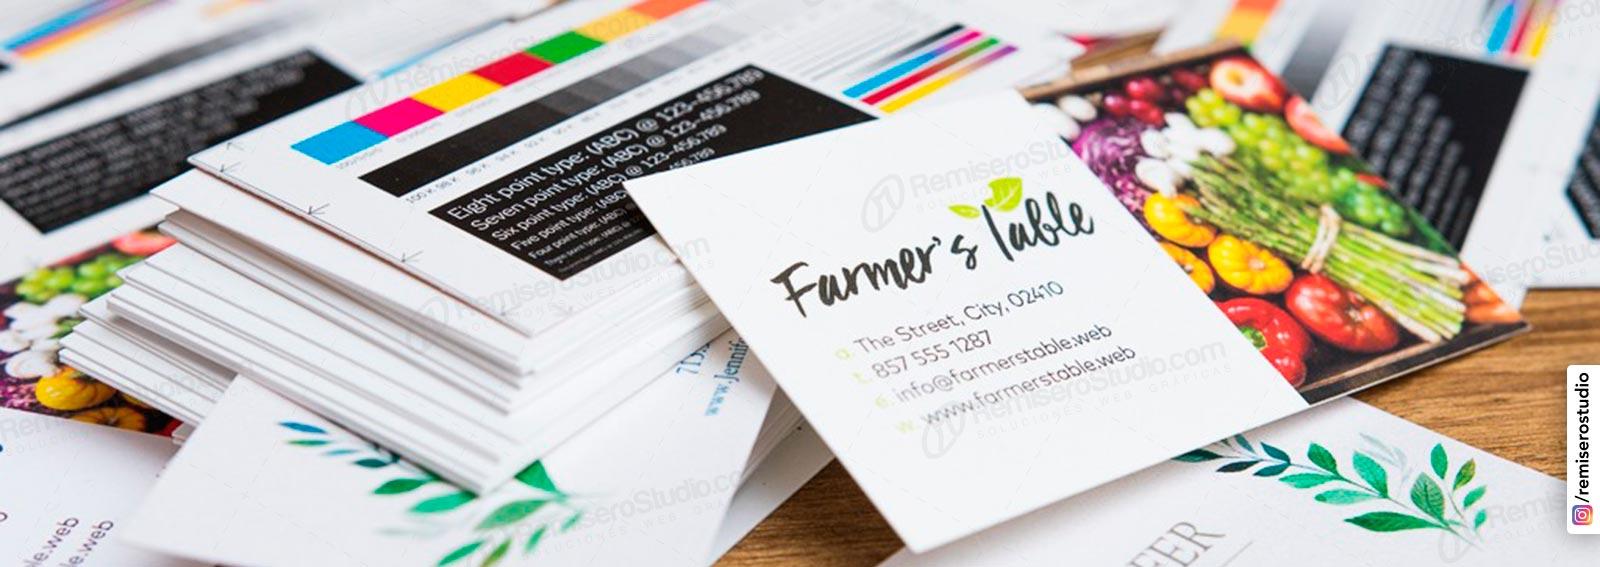 Impresión de tarjetas personales en alta calidad